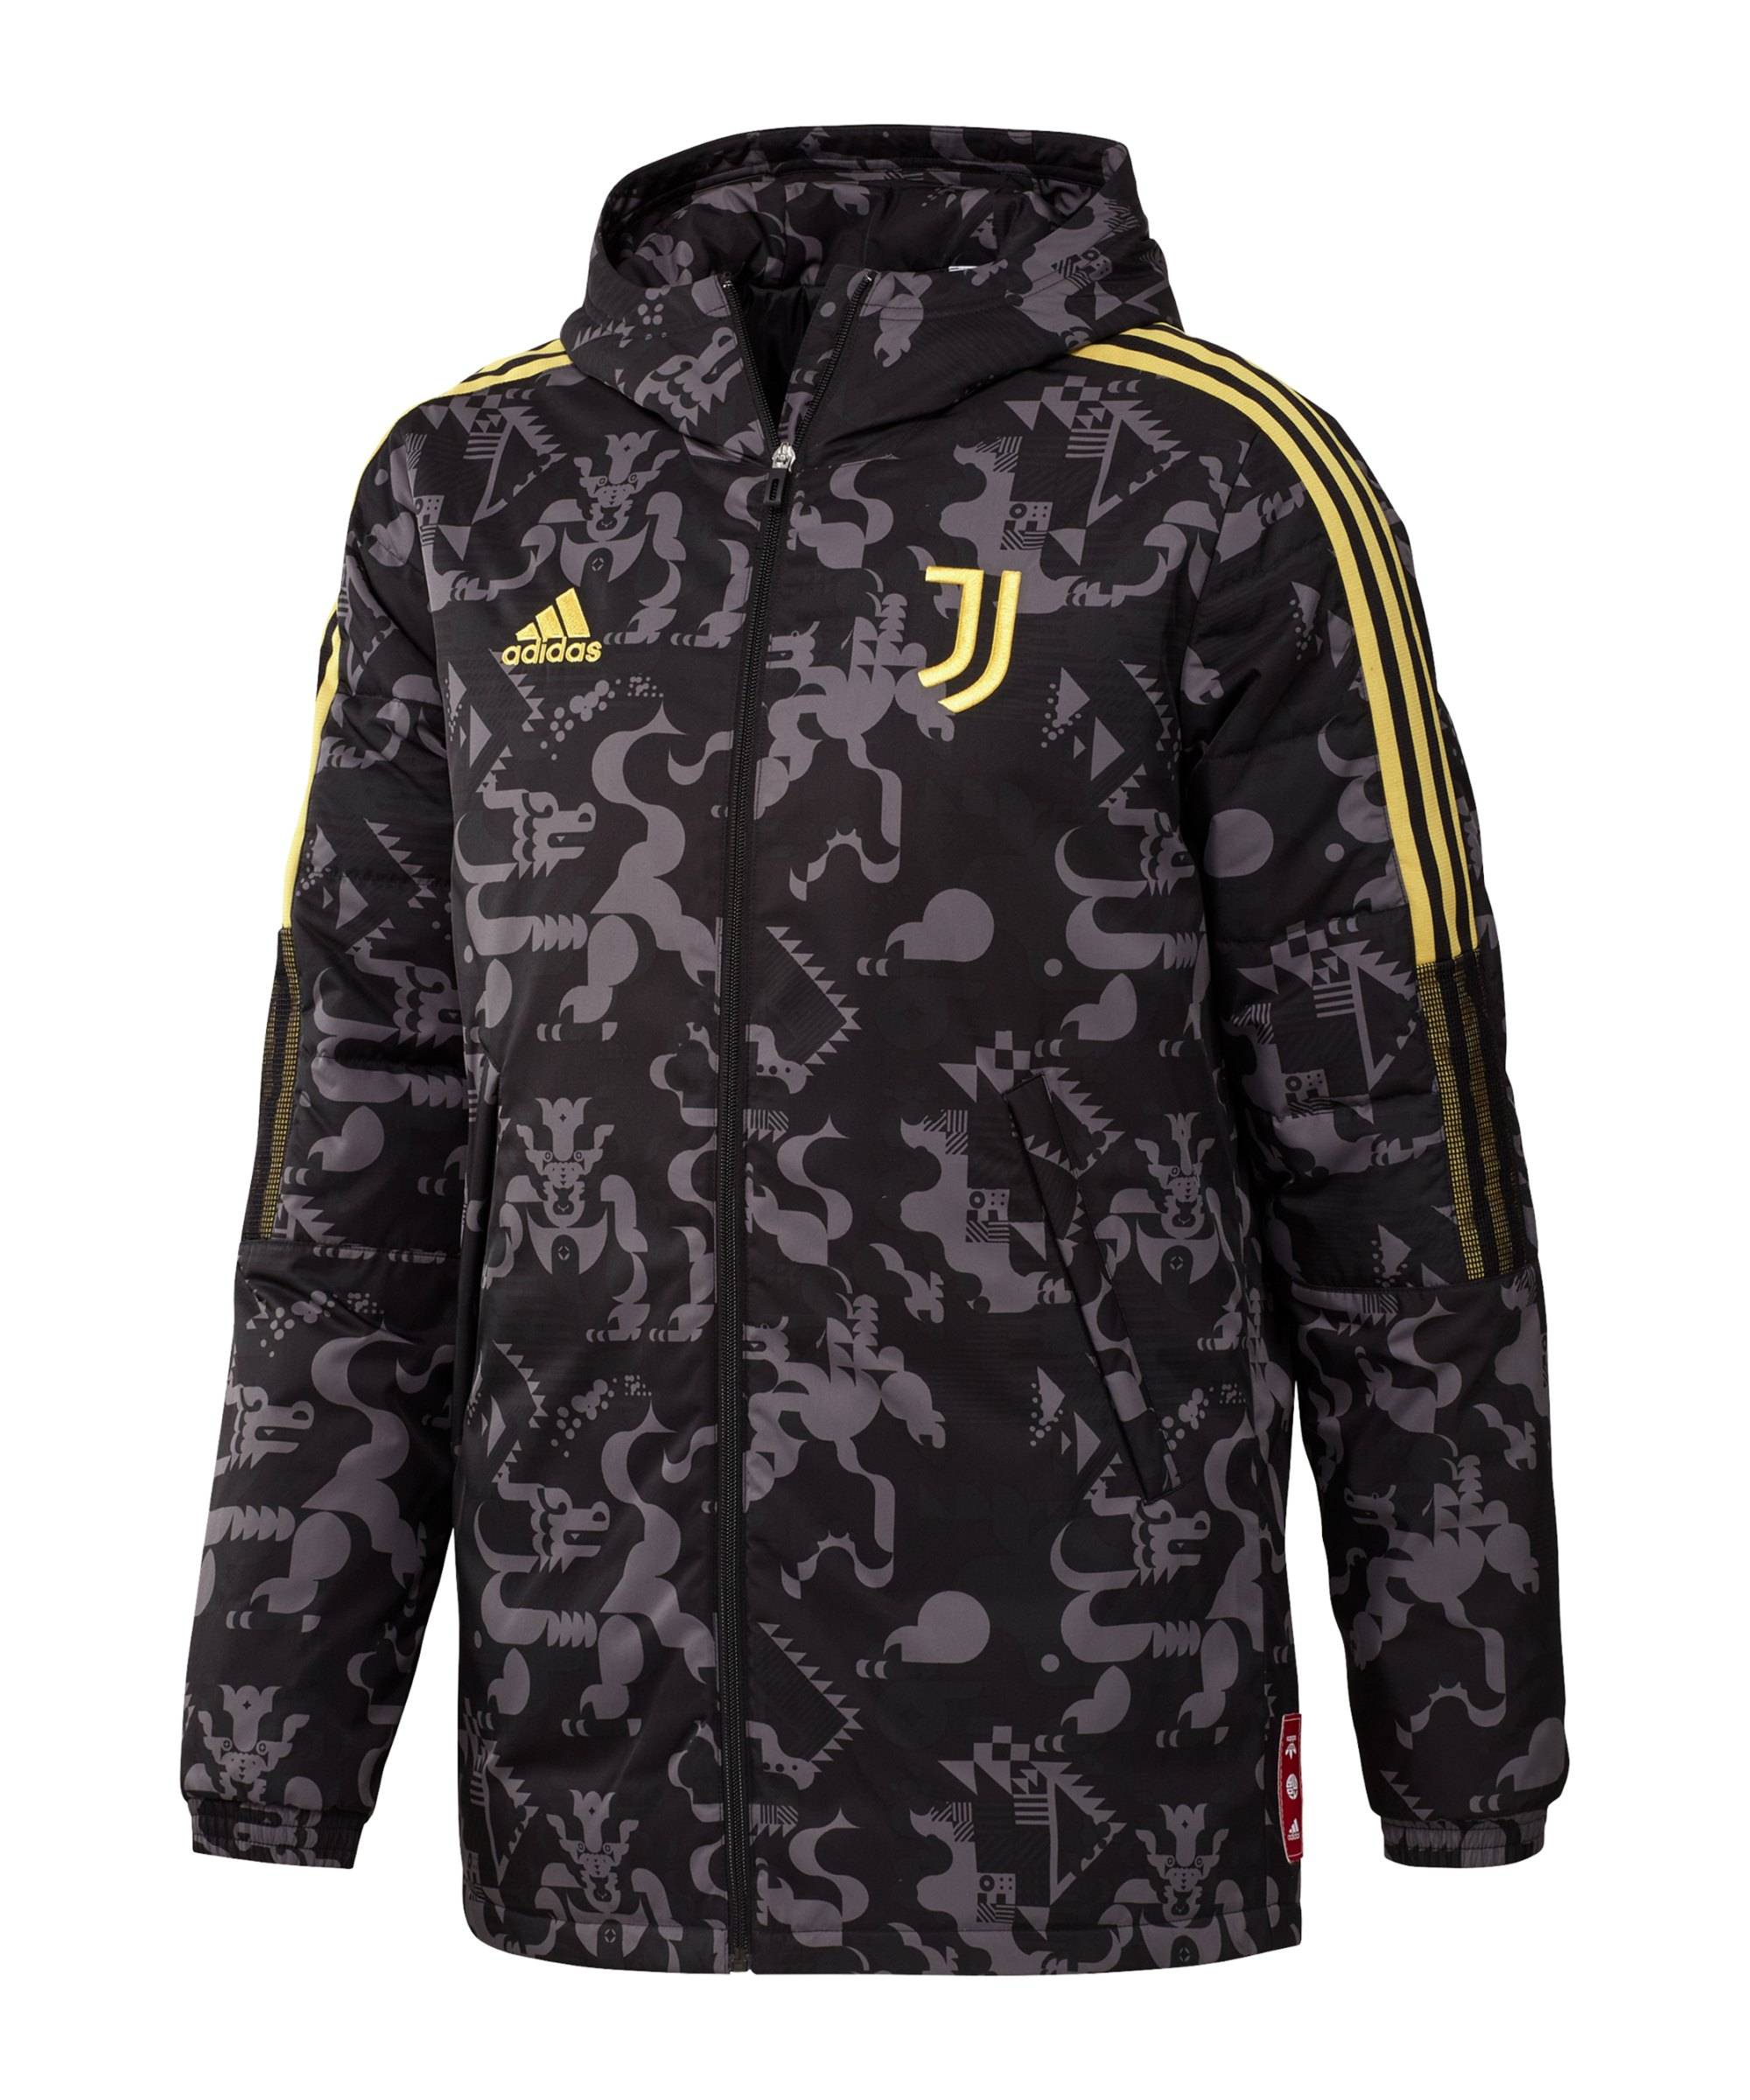 adidas Juventus Turin CNY Padded Jacke Schwarz - schwarz